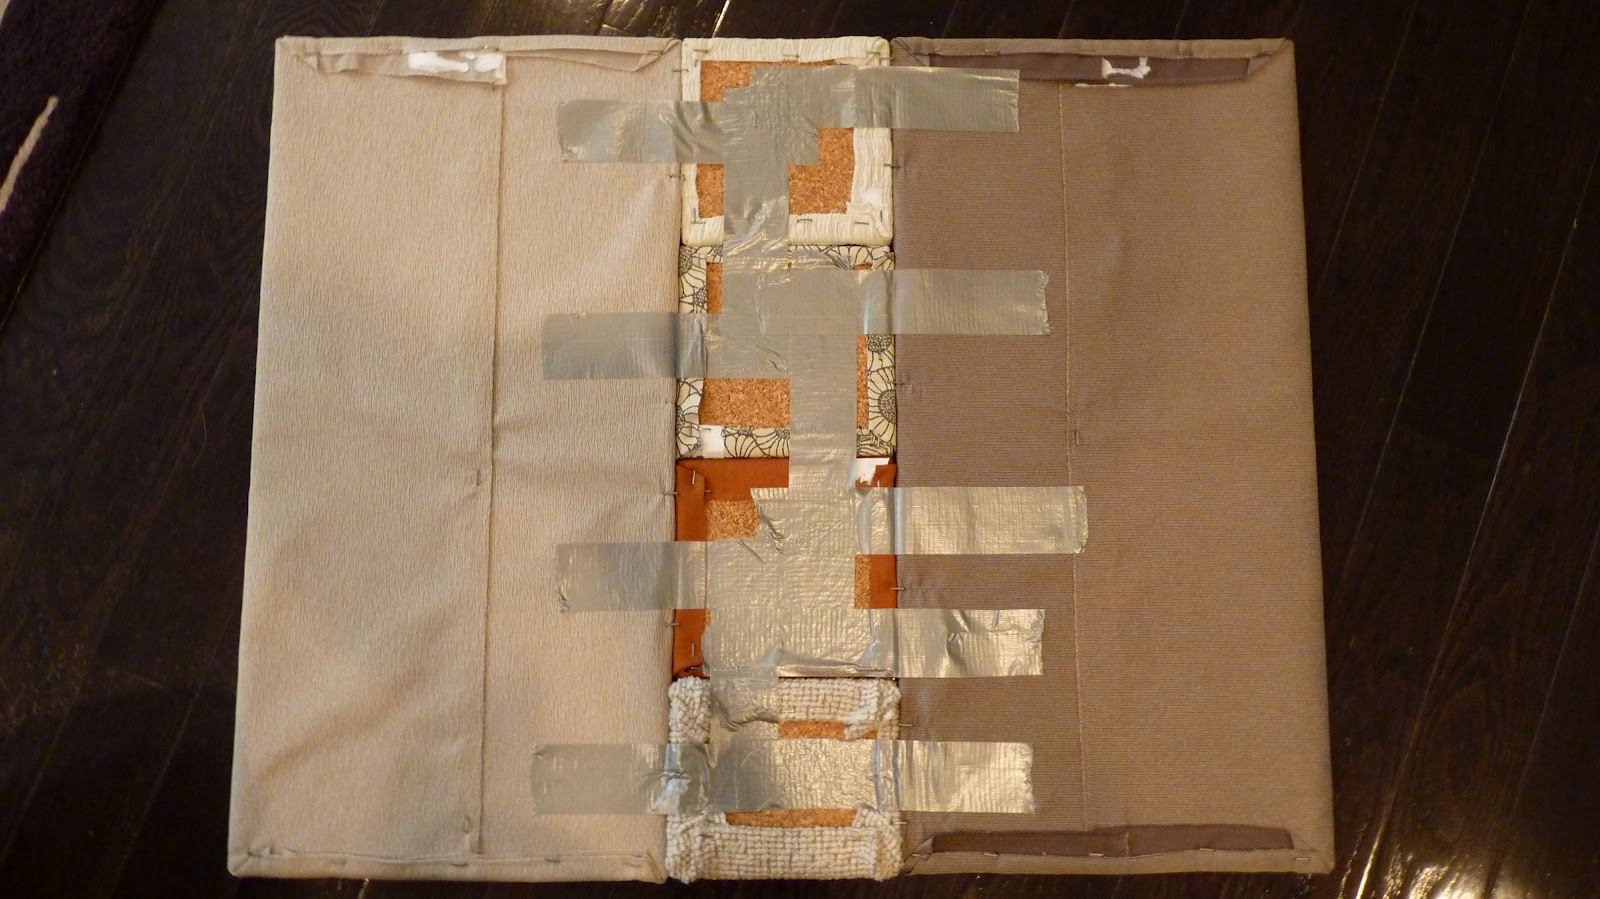 Disabella Design Custom Fabric Tackable Panels Part 2